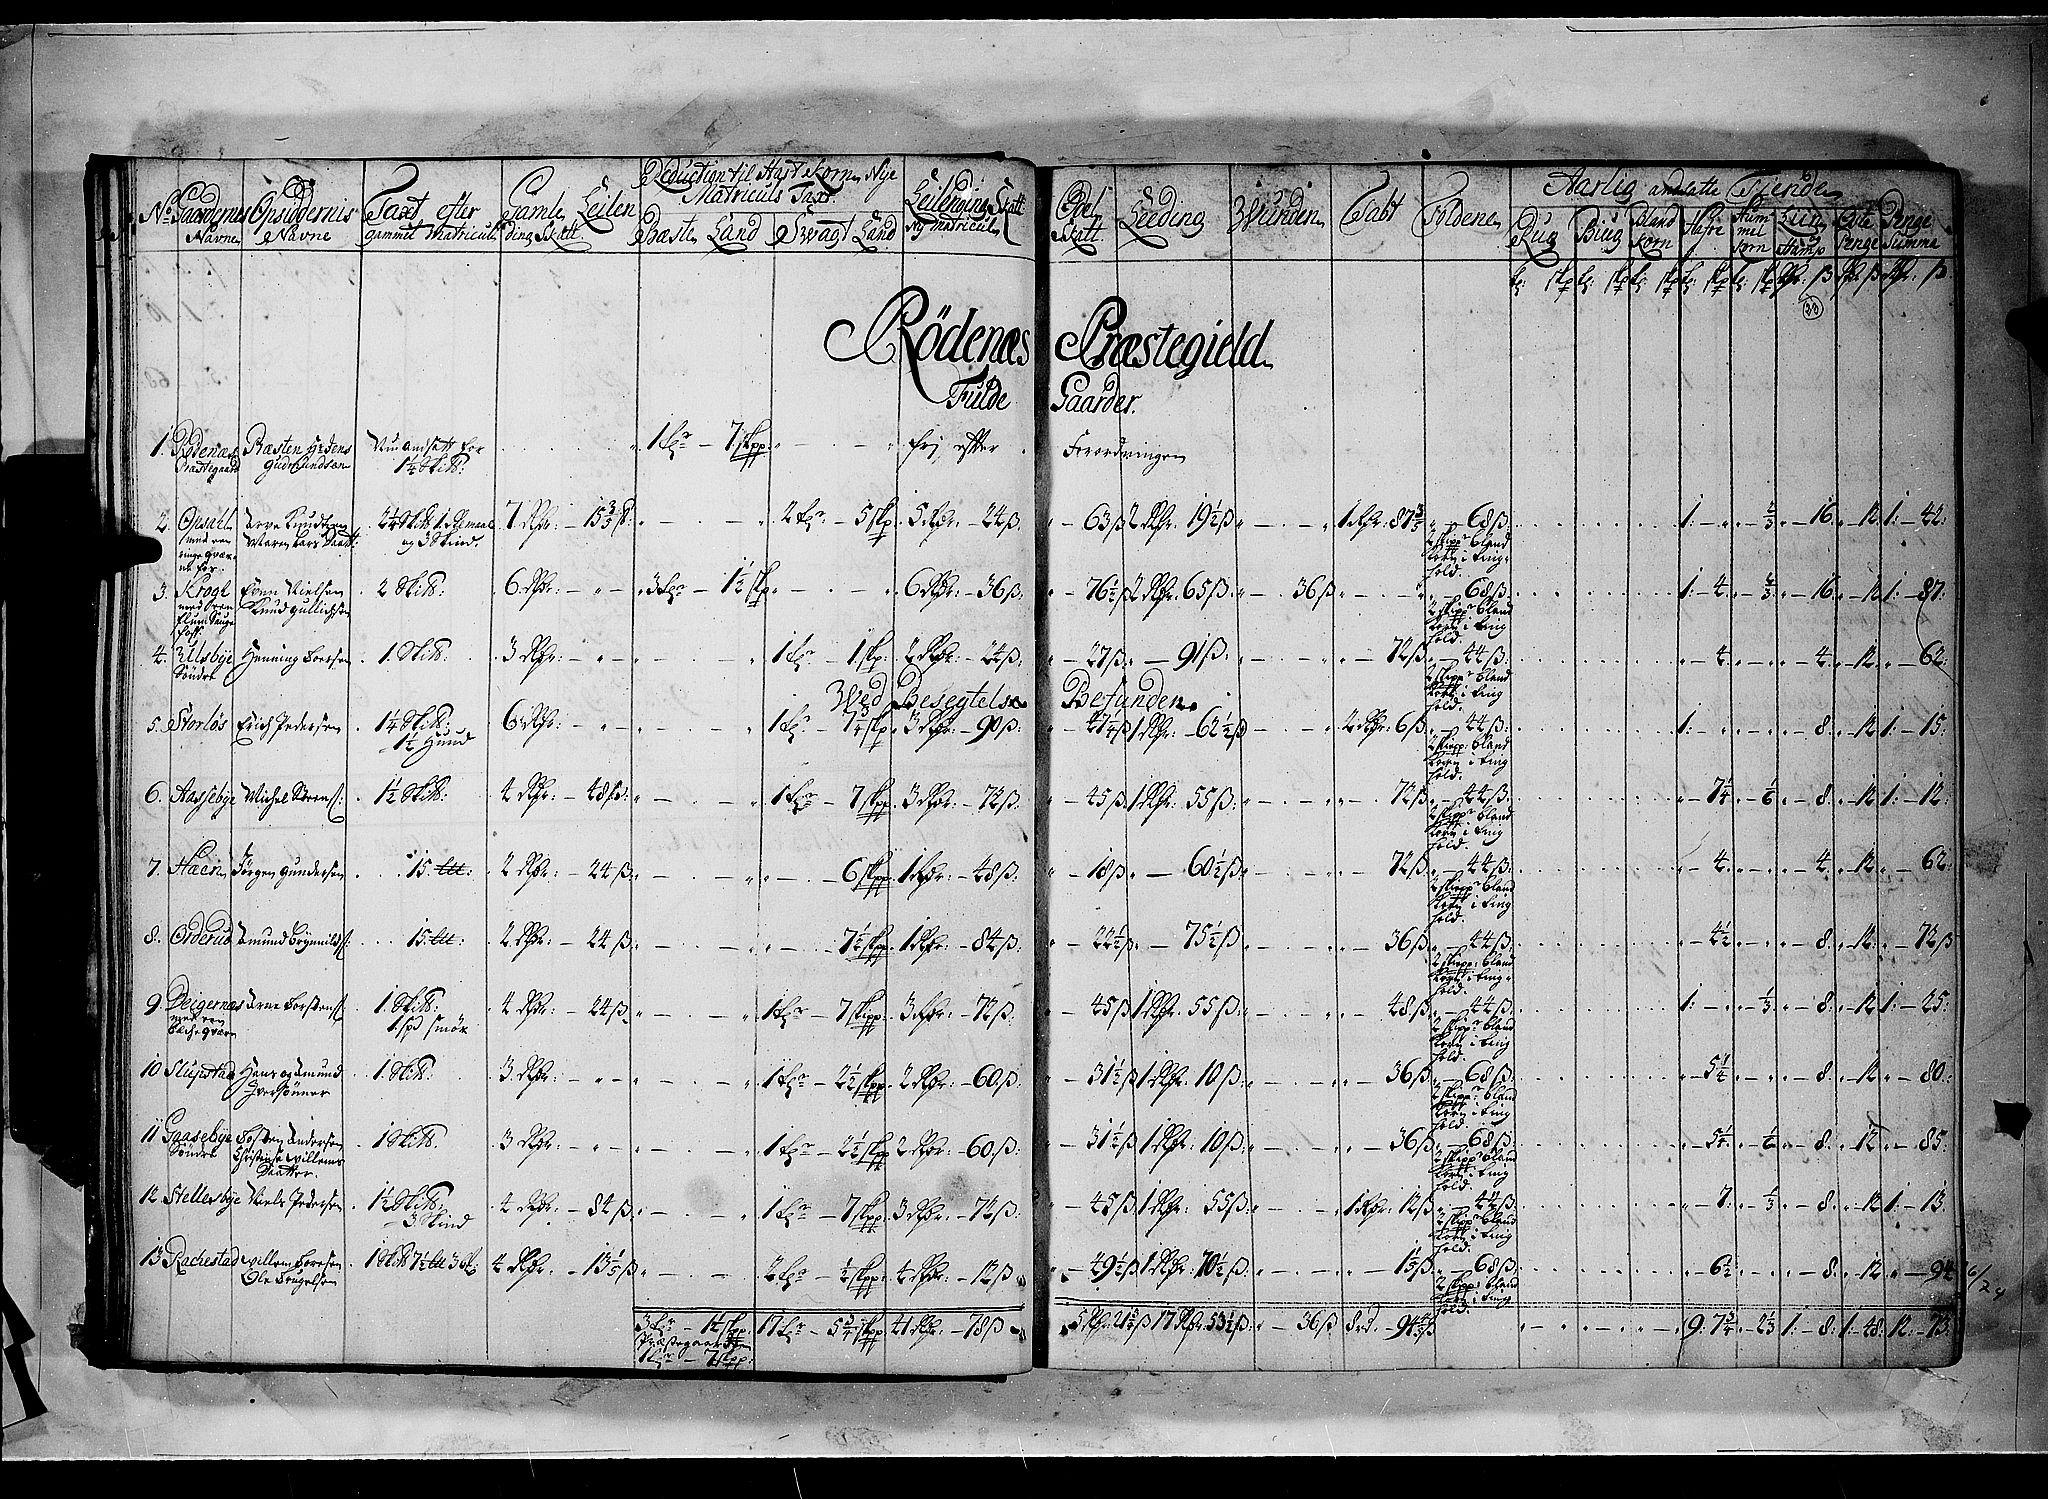 RA, Rentekammeret inntil 1814, Realistisk ordnet avdeling, N/Nb/Nbf/L0100: Rakkestad, Heggen og Frøland matrikkelprotokoll, 1723, s. 22b-23a